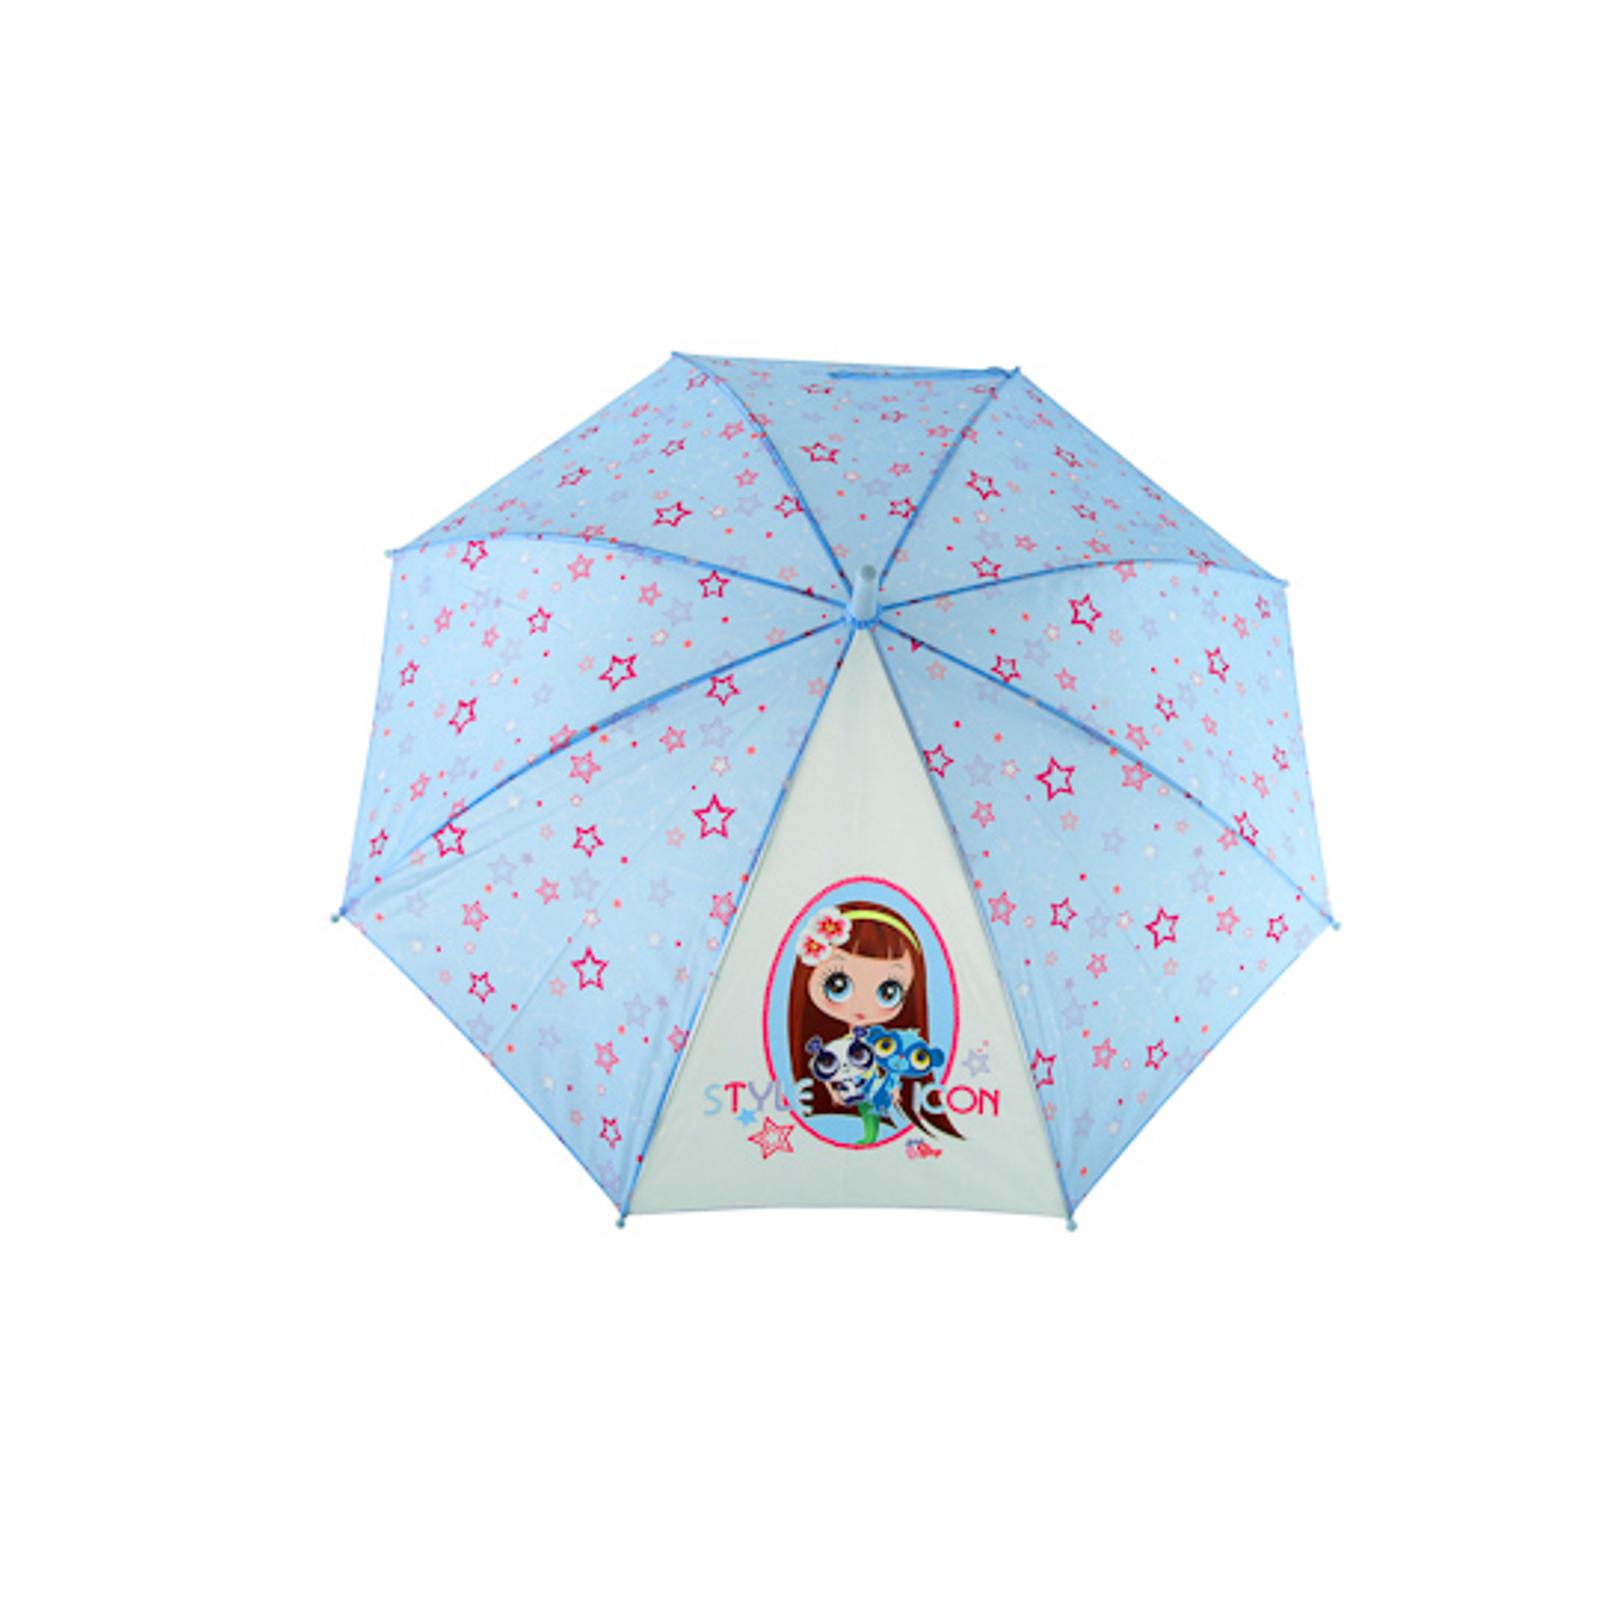 Зонт Littlest Pet Shop Голубой со звёздами 18 см. от Младенец.ru